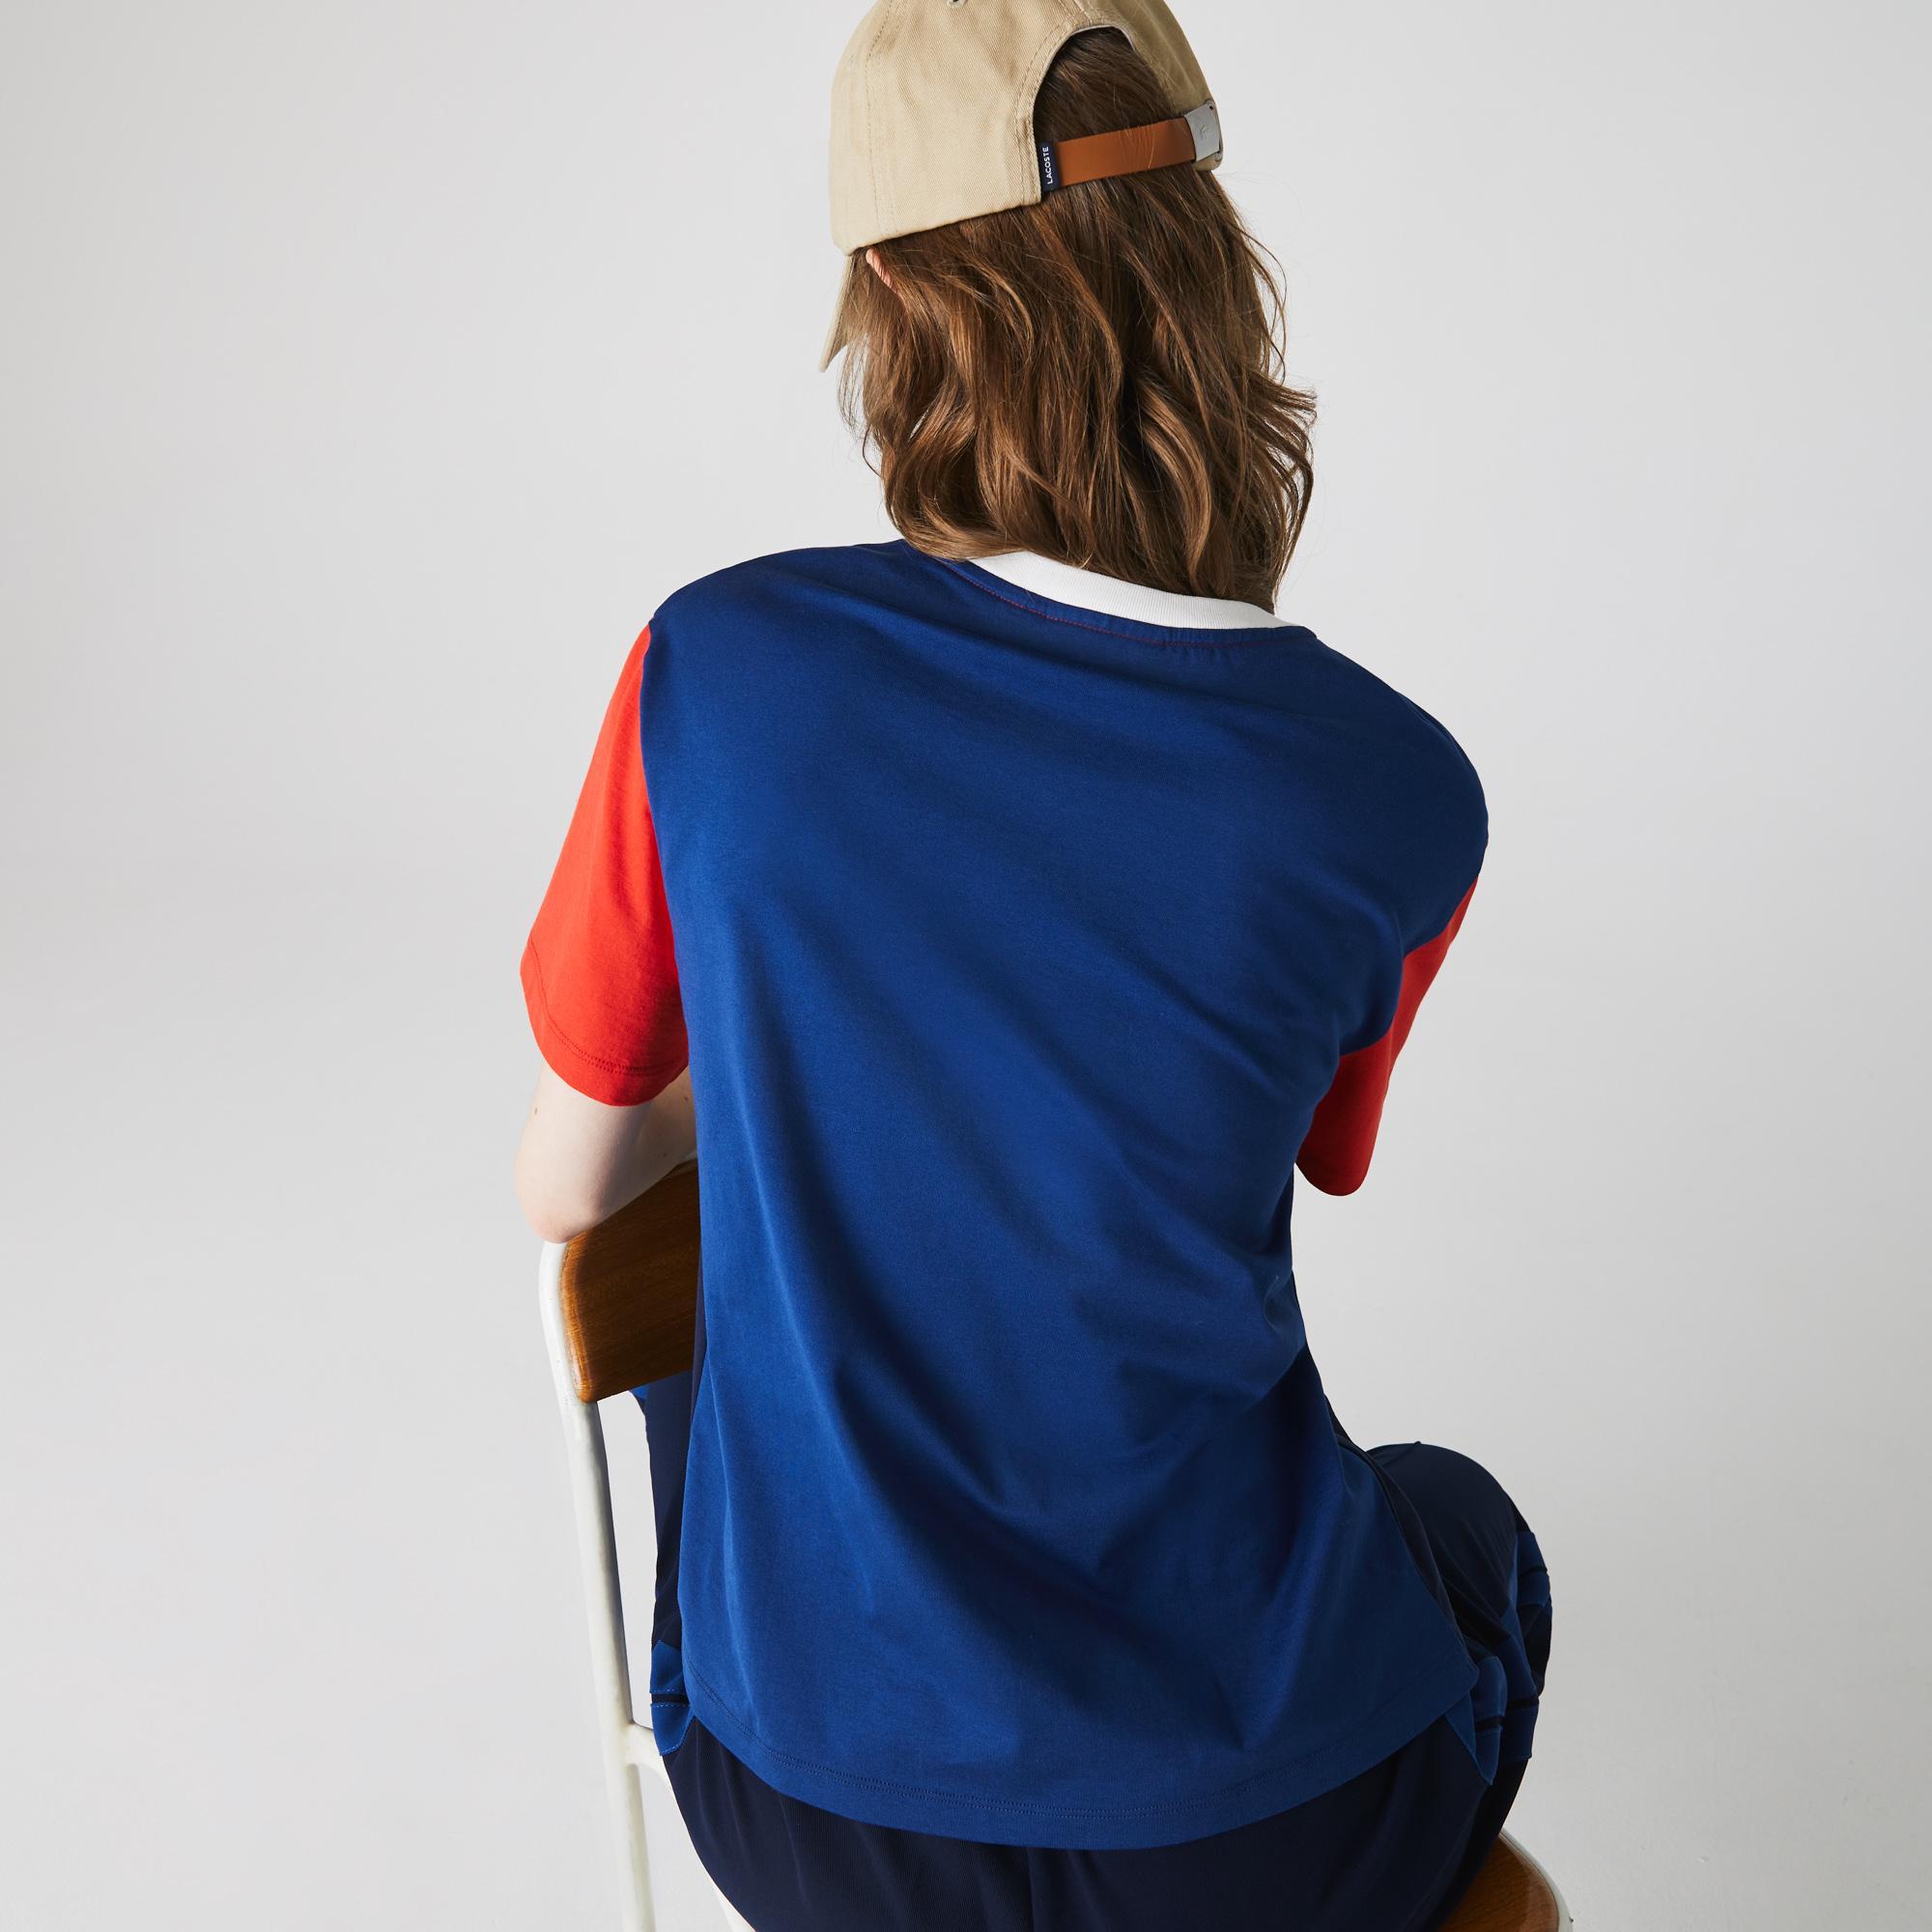 Lacoste Kadın Blok Desenli Bisiklet Yaka Kısa Kollu Renkli T-Shirt